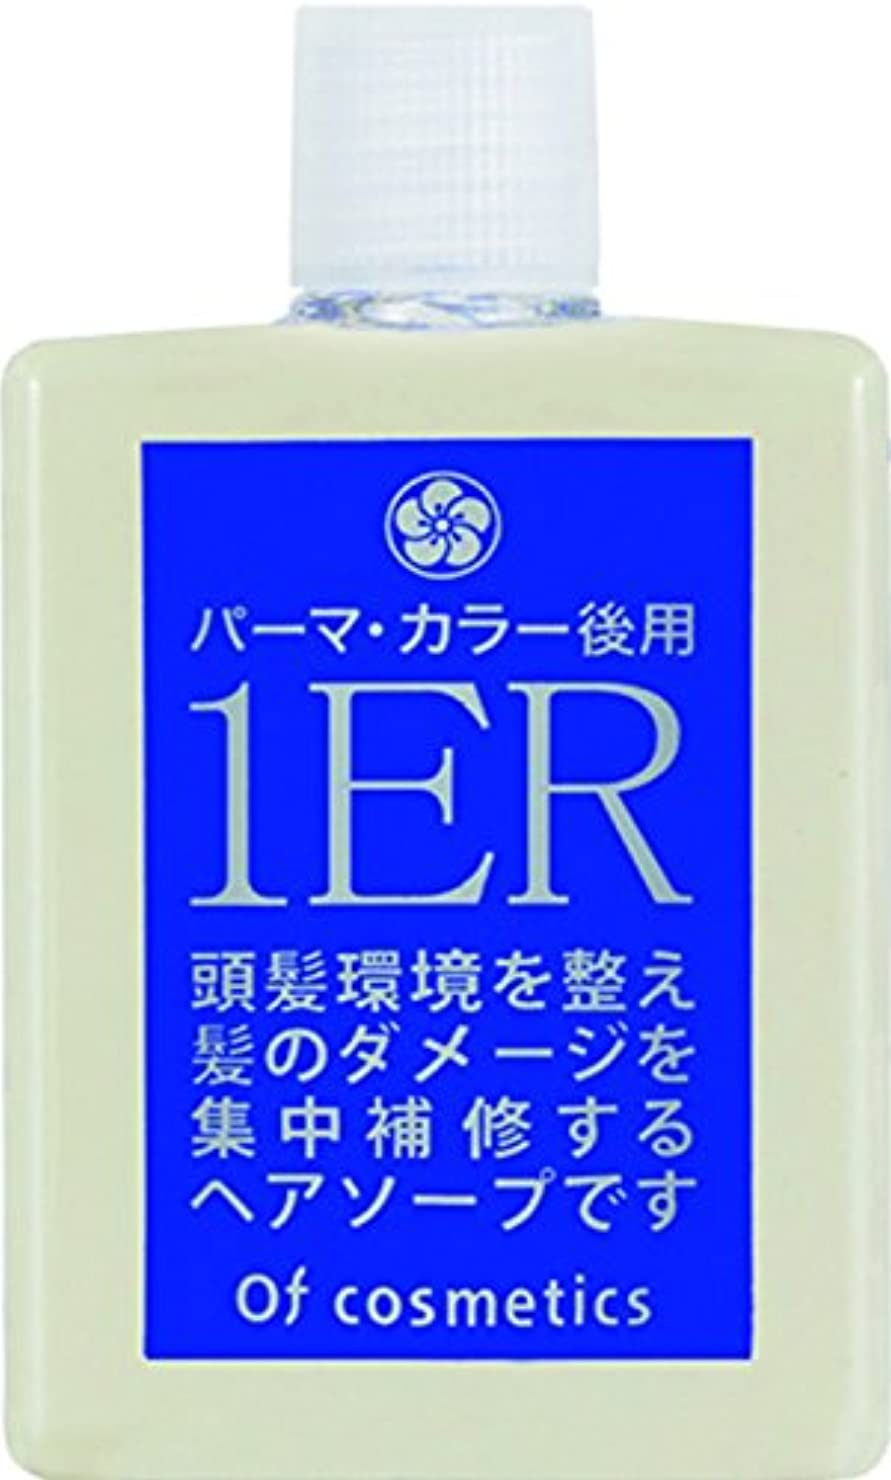 十二純粋に干ばつオブ?コスメティックス ソープオブヘア?1-ER スタンダードサイズ (ローズマリーの香り) 60ml